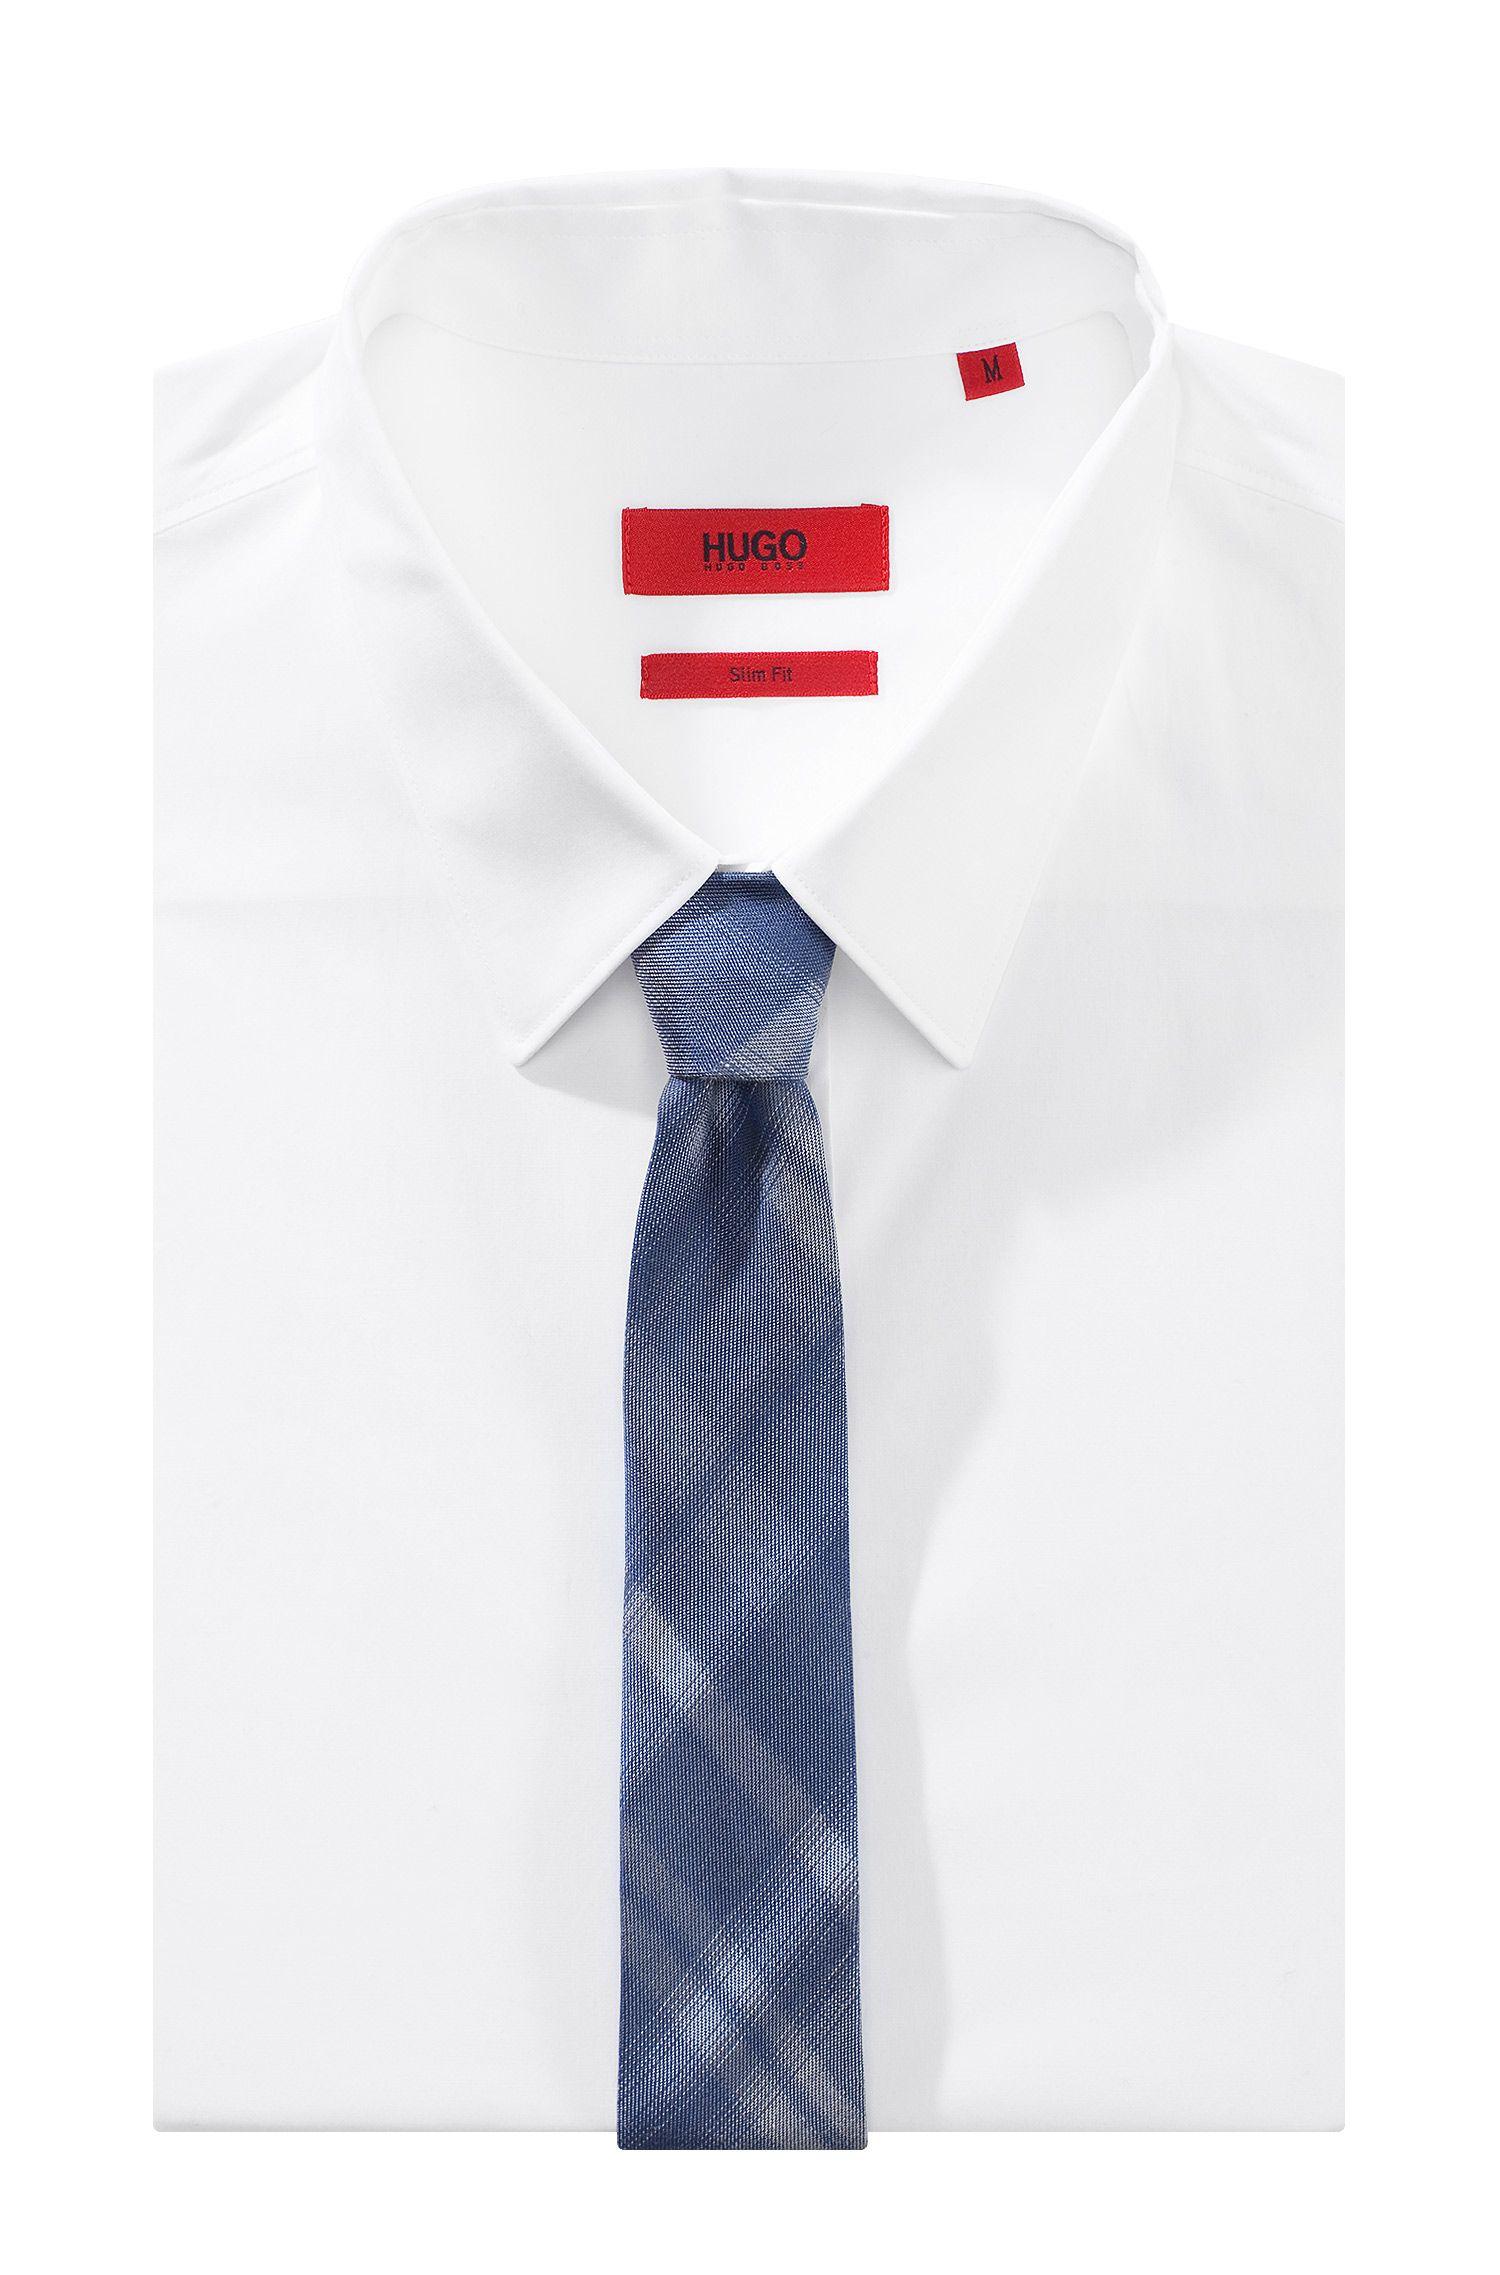 Cravate en soie et coton mélangés, Tie 6 cm